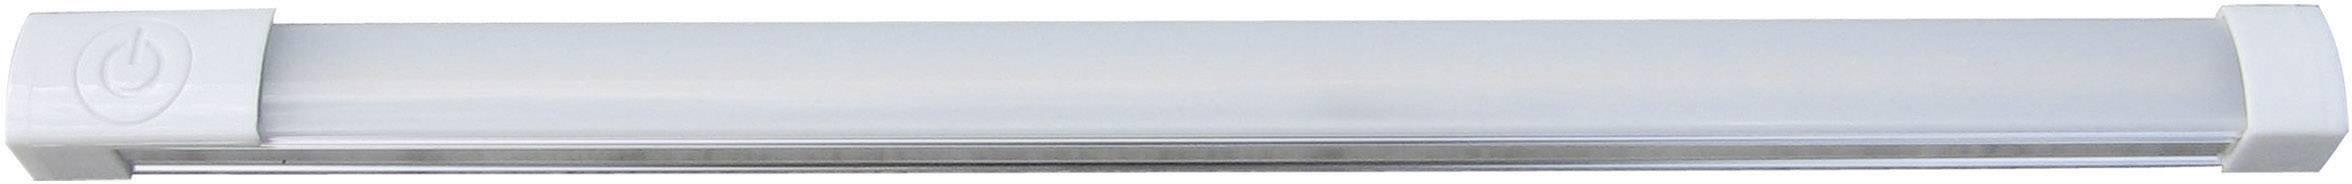 LED svetelná lišta, základná sada DioDor DIO-TL25-SP-FW, 3.5 W, 25 cm, chladná biela, biela